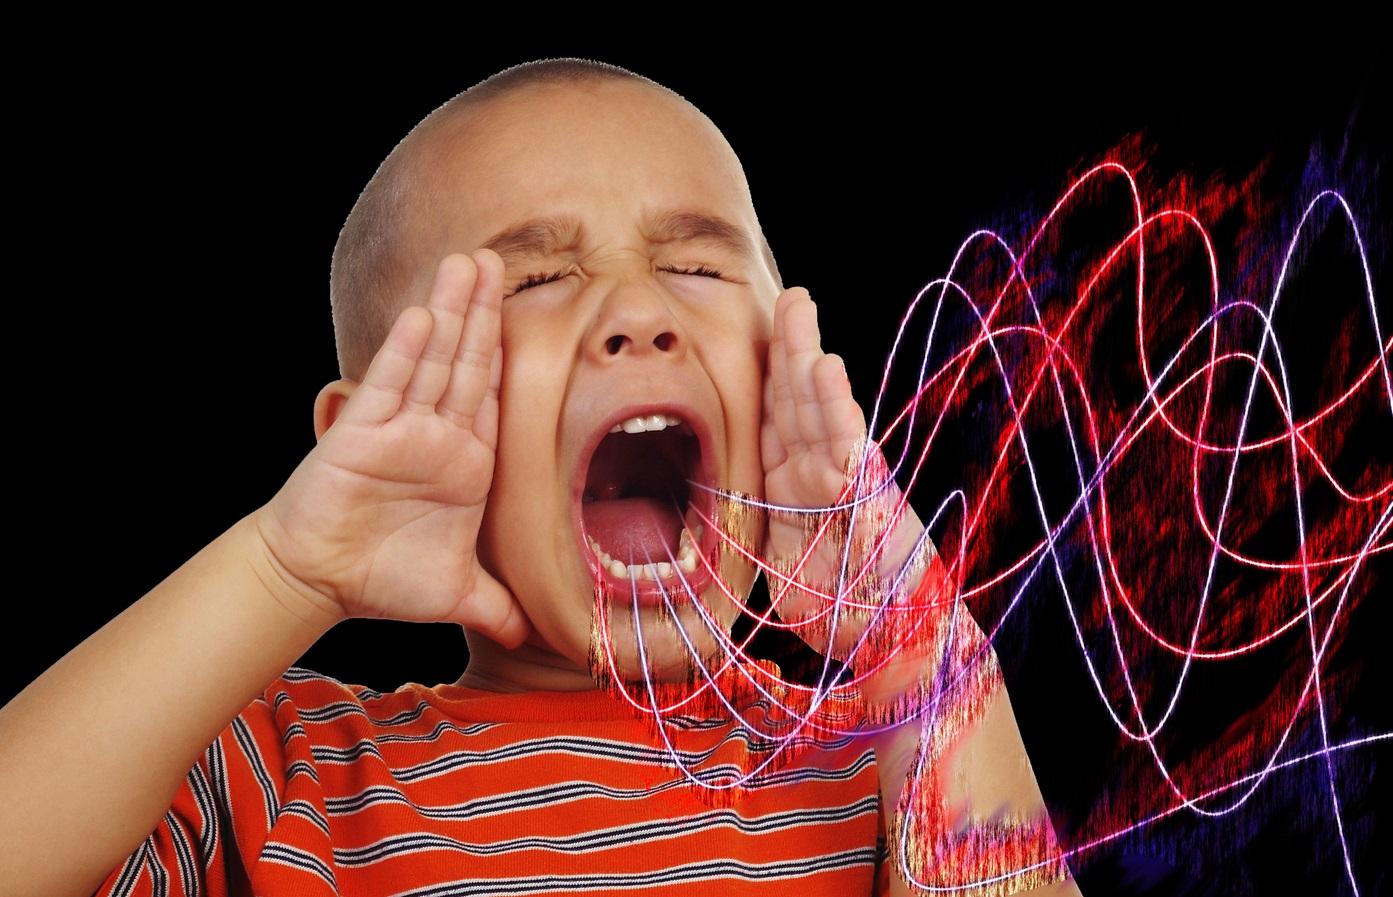 computer virus sound waves